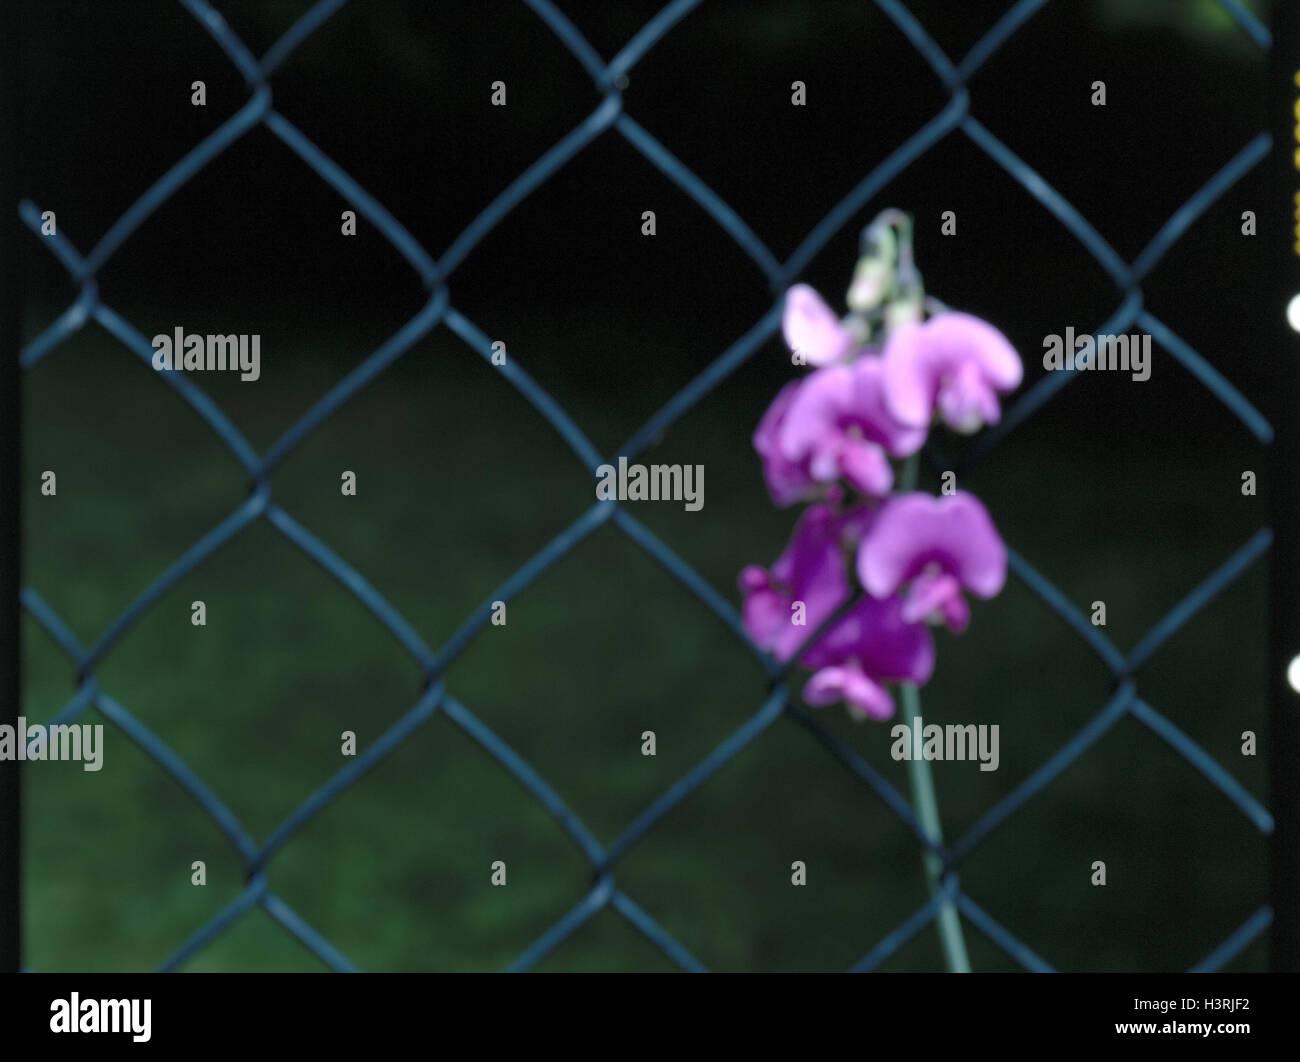 Zaun Wicke Stockfotos & Zaun Wicke Bilder - Alamy